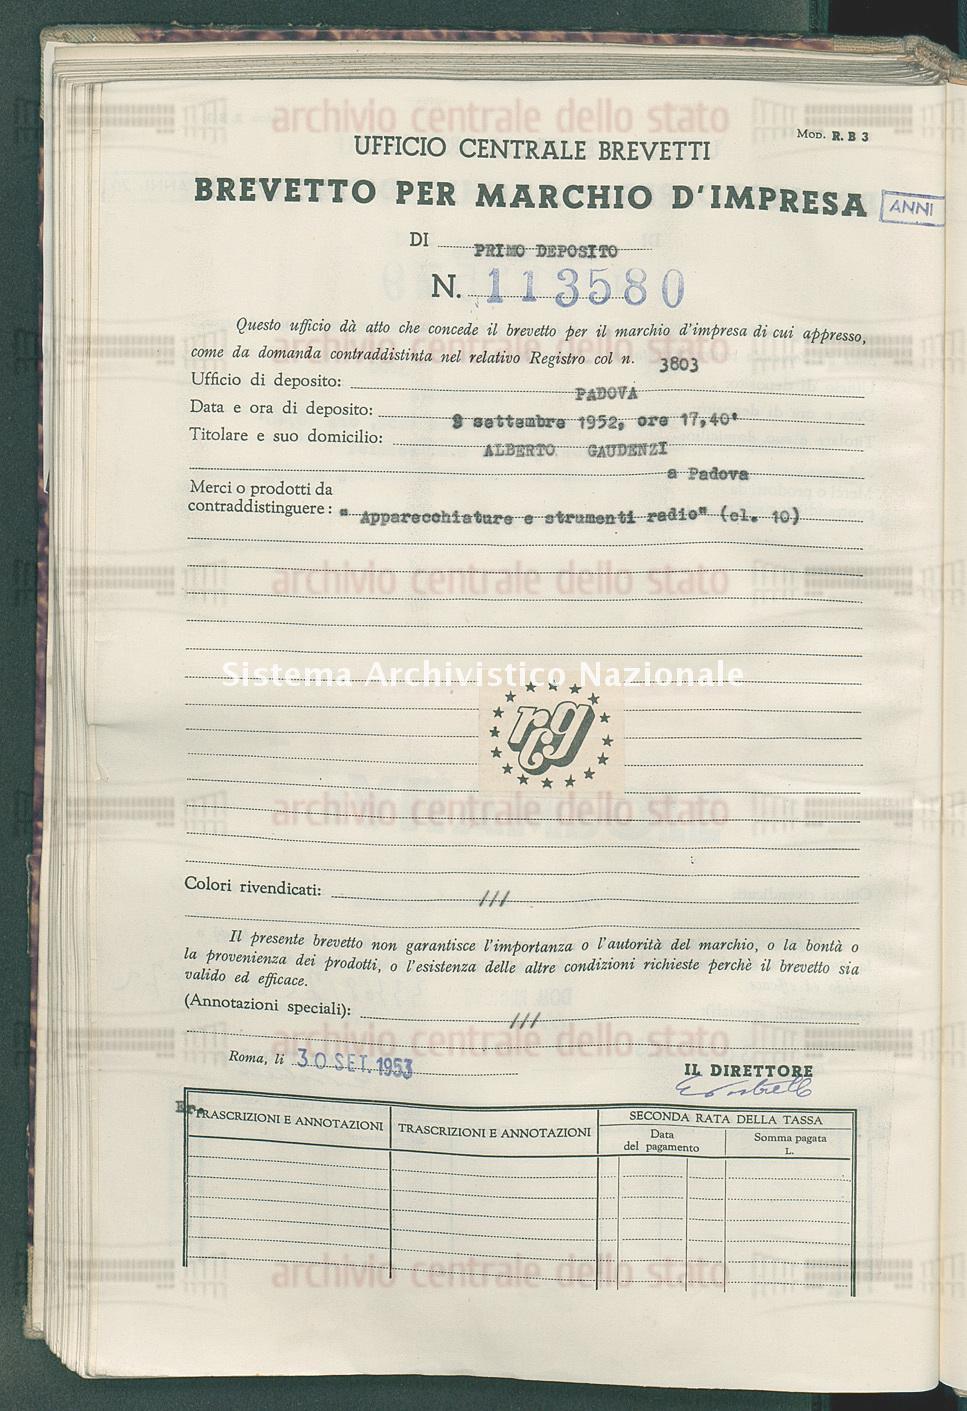 'Apparecchiature e strumenti radio' Alberto Gaudenzi (30/09/1953)